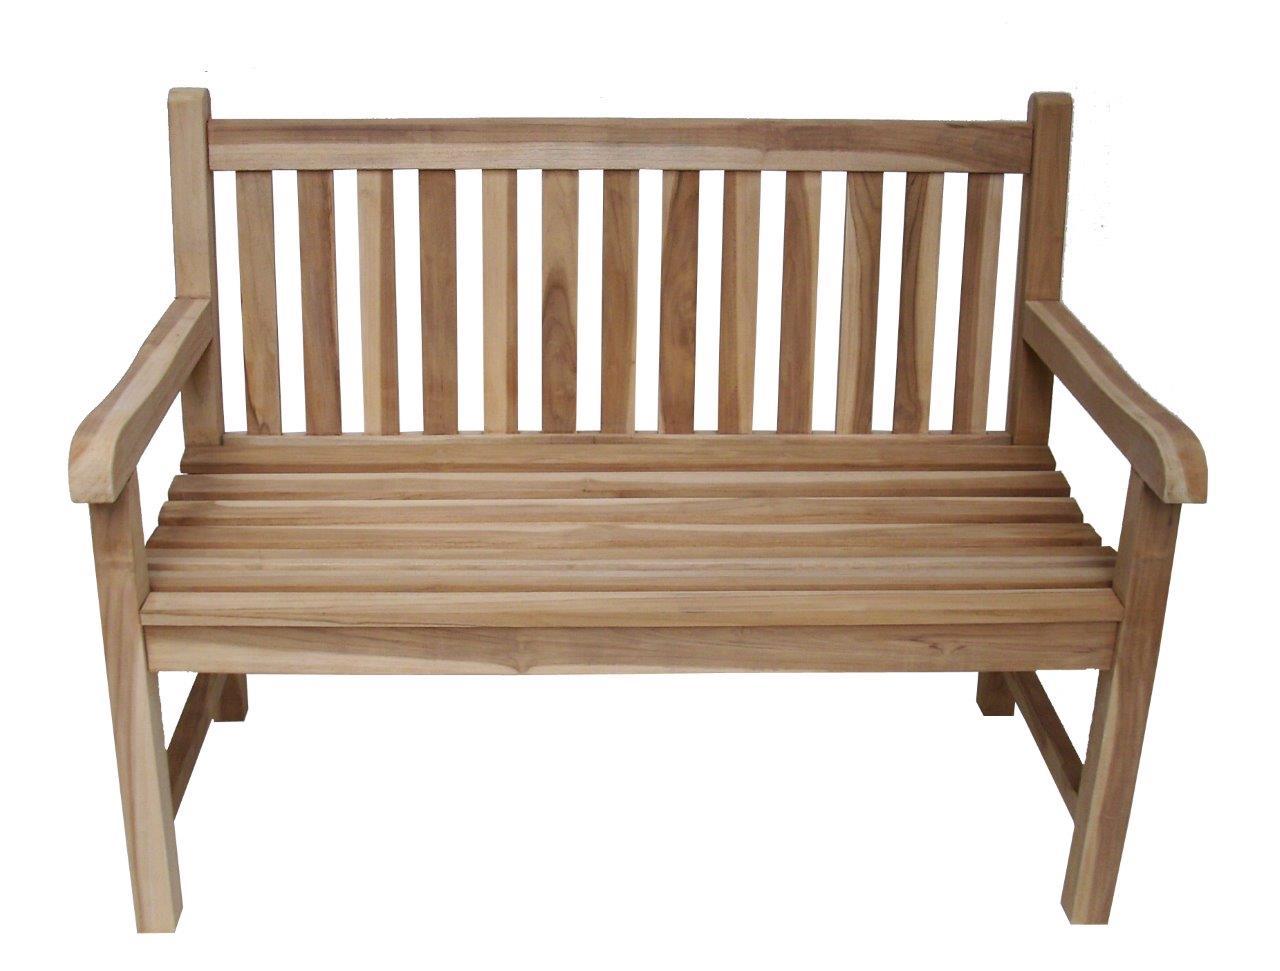 2sitzer teakholz bank massivholz holzbank gartenbank 120 cm teakbank parkbank ebay. Black Bedroom Furniture Sets. Home Design Ideas